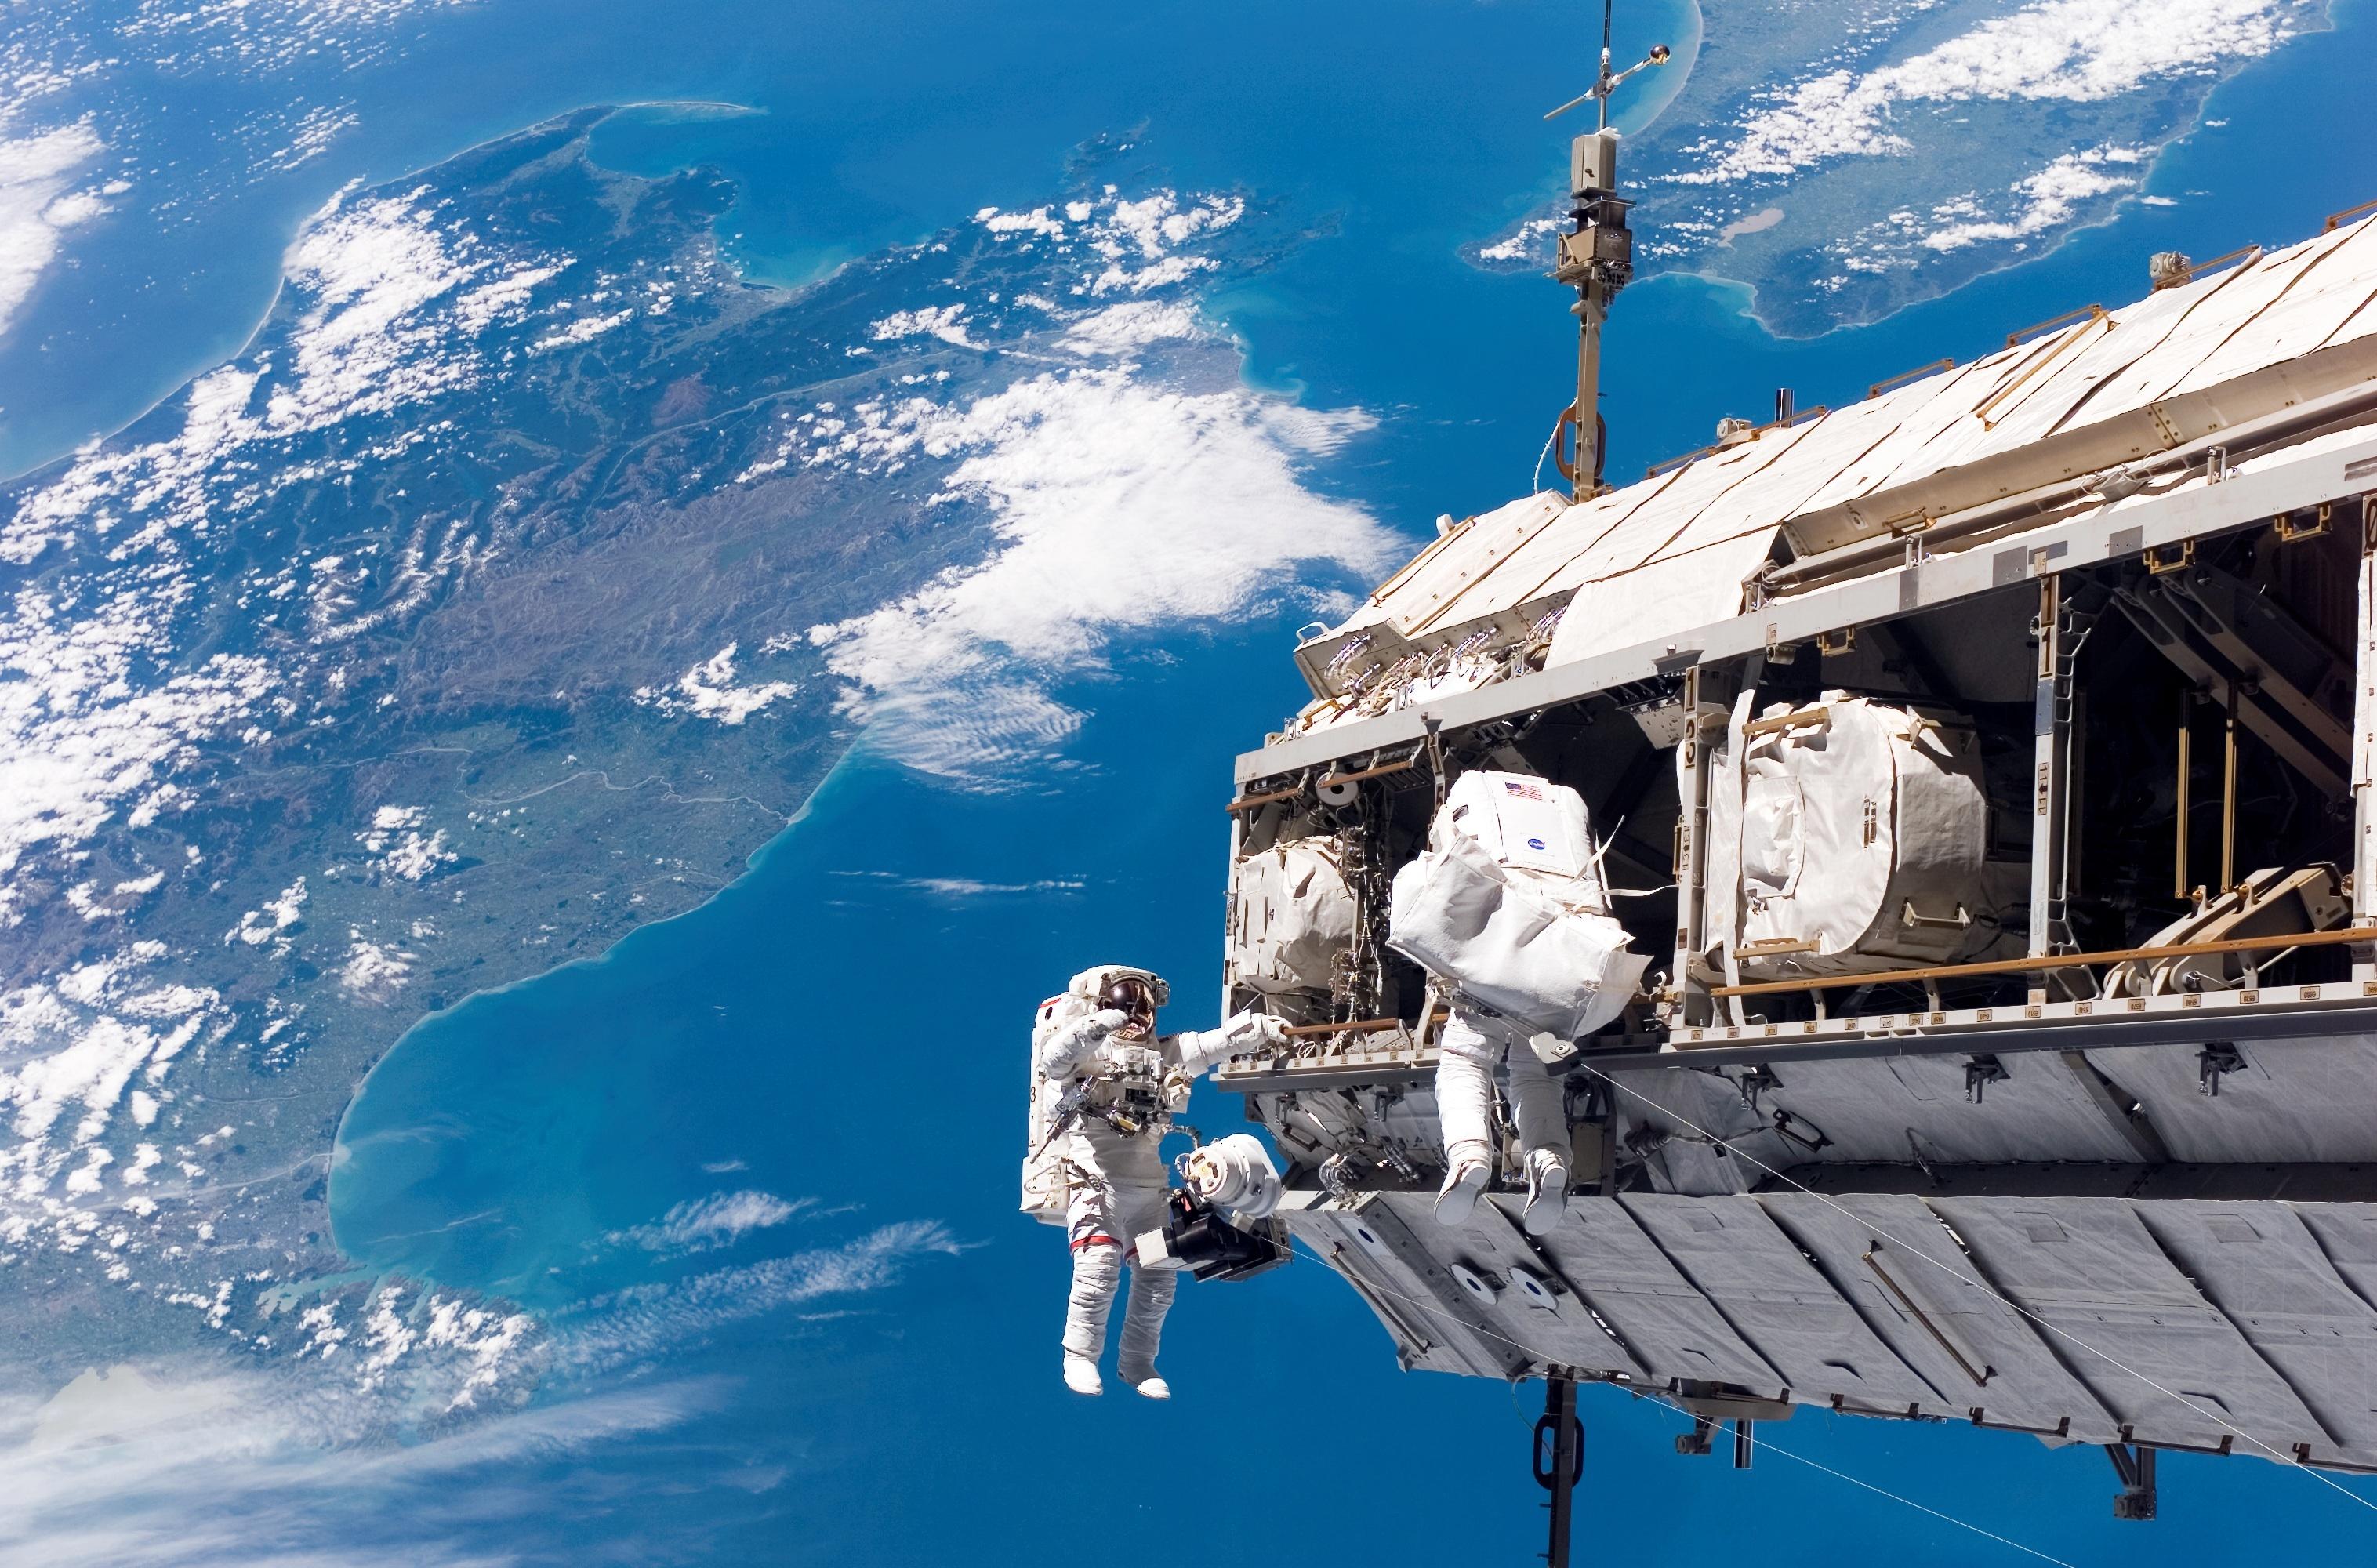 Space Mission Wallpaper 3032x2000 ID31892   WallpaperVortexcom 3032x2000